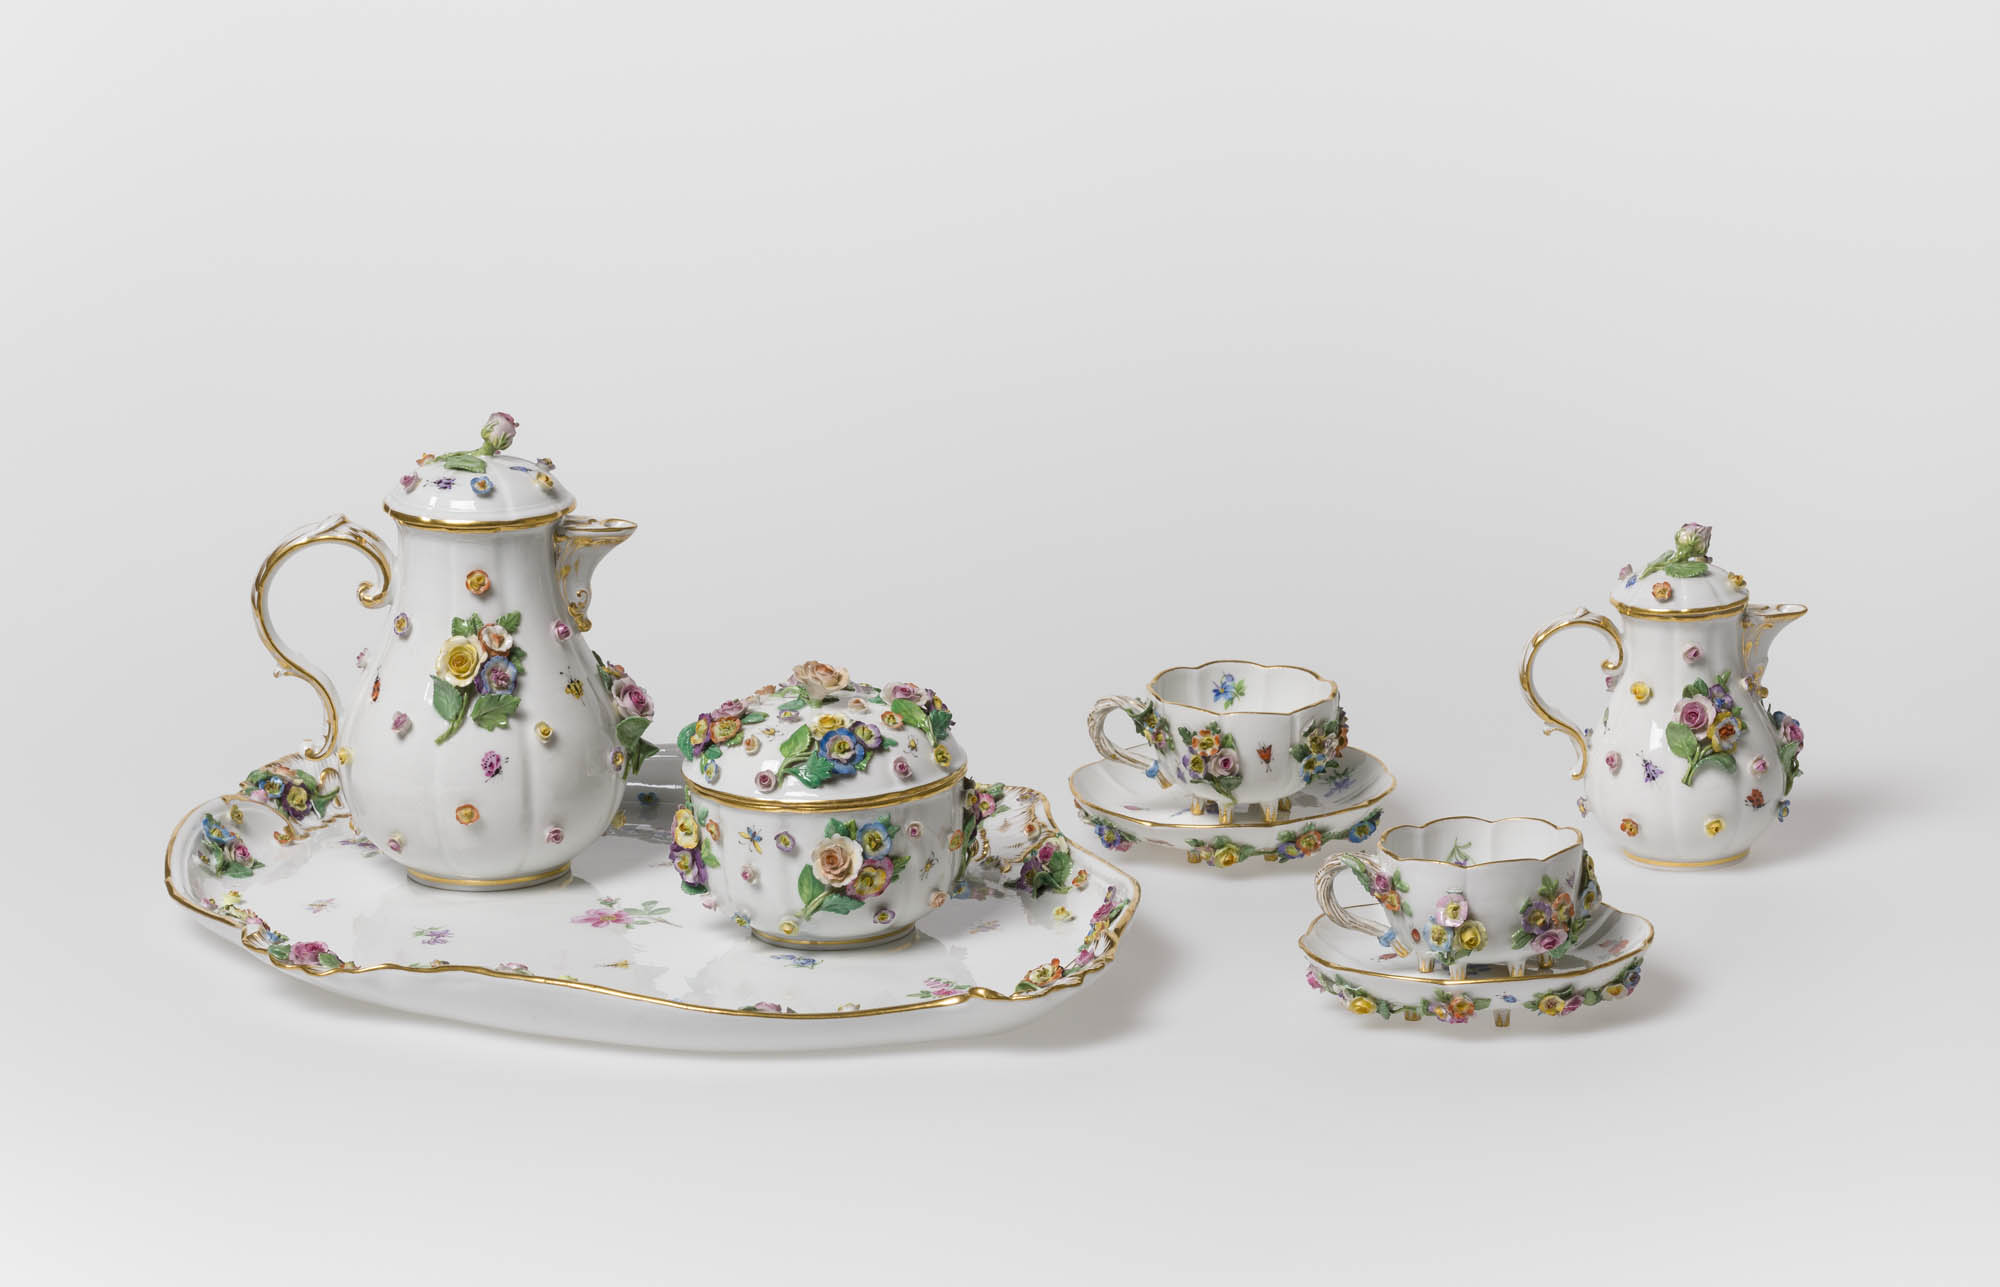 (untitled) Königlich-Polnische und Kurfürstlich-Sächsische Porzellan-Manufaktur Meissen Cup